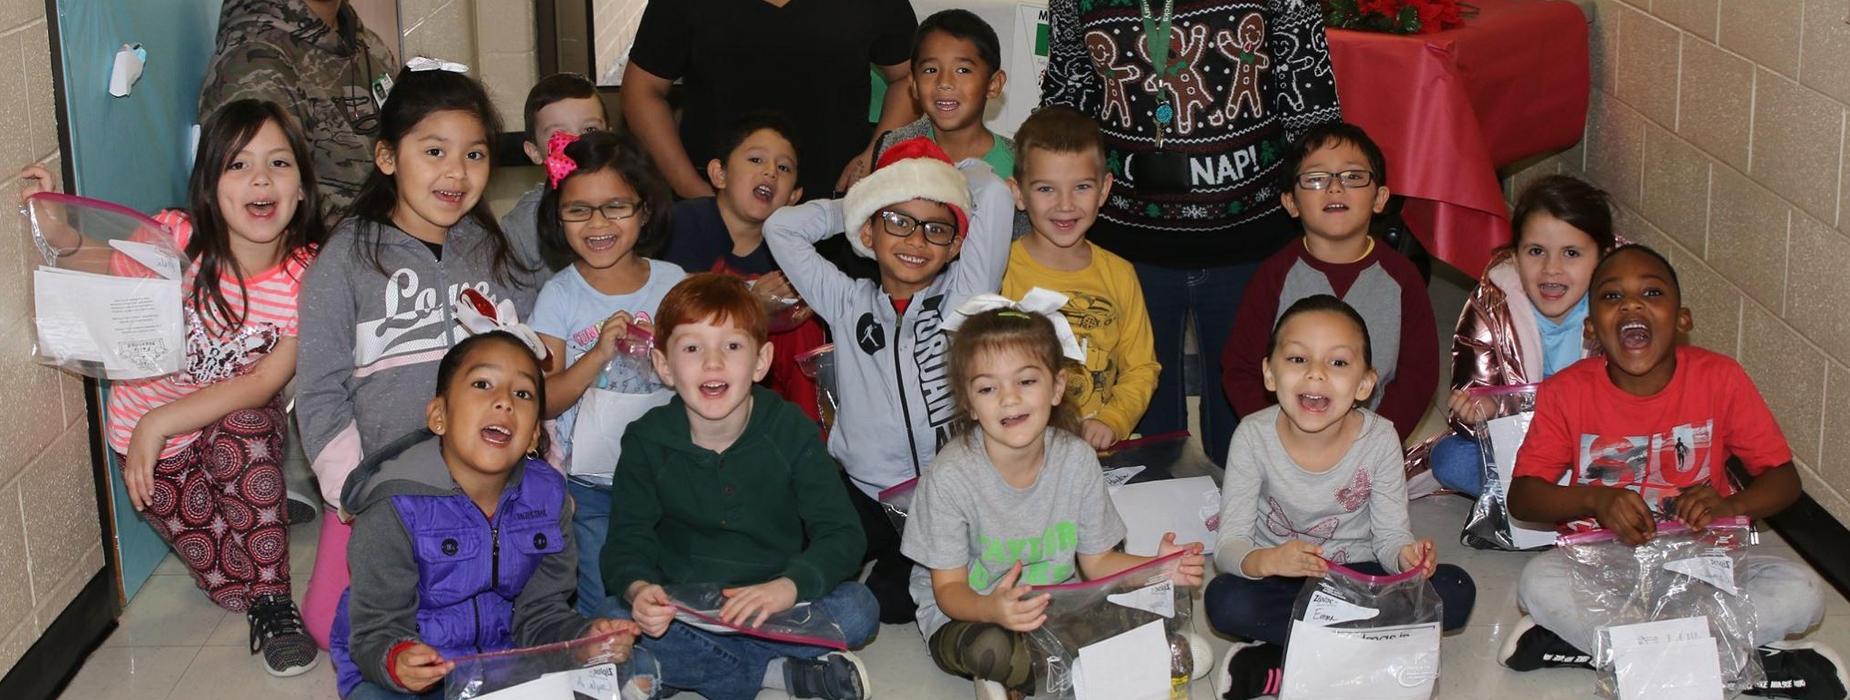 kindergarten class pic